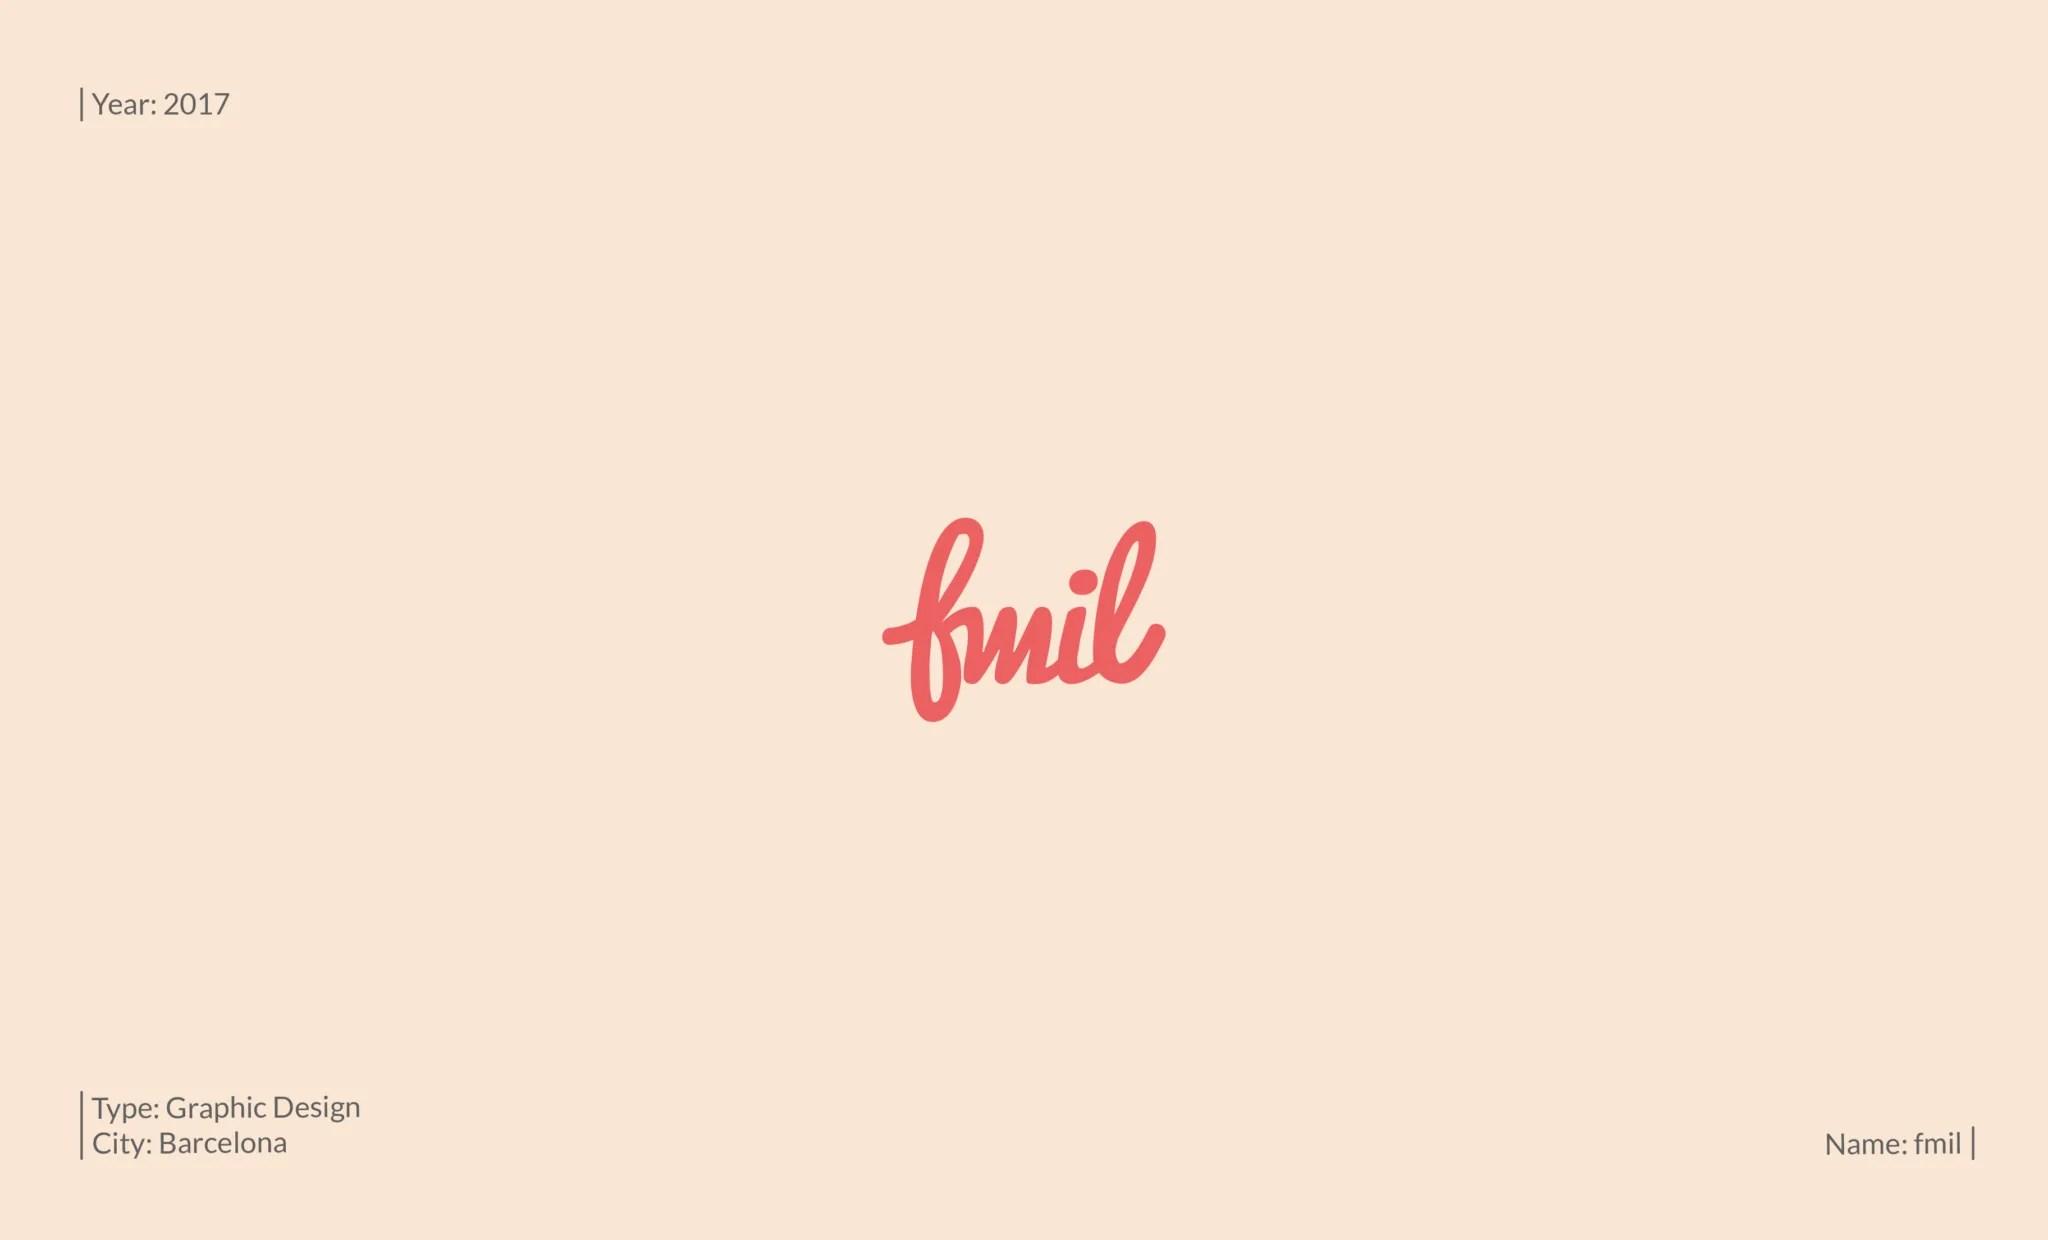 logos collecction fmil